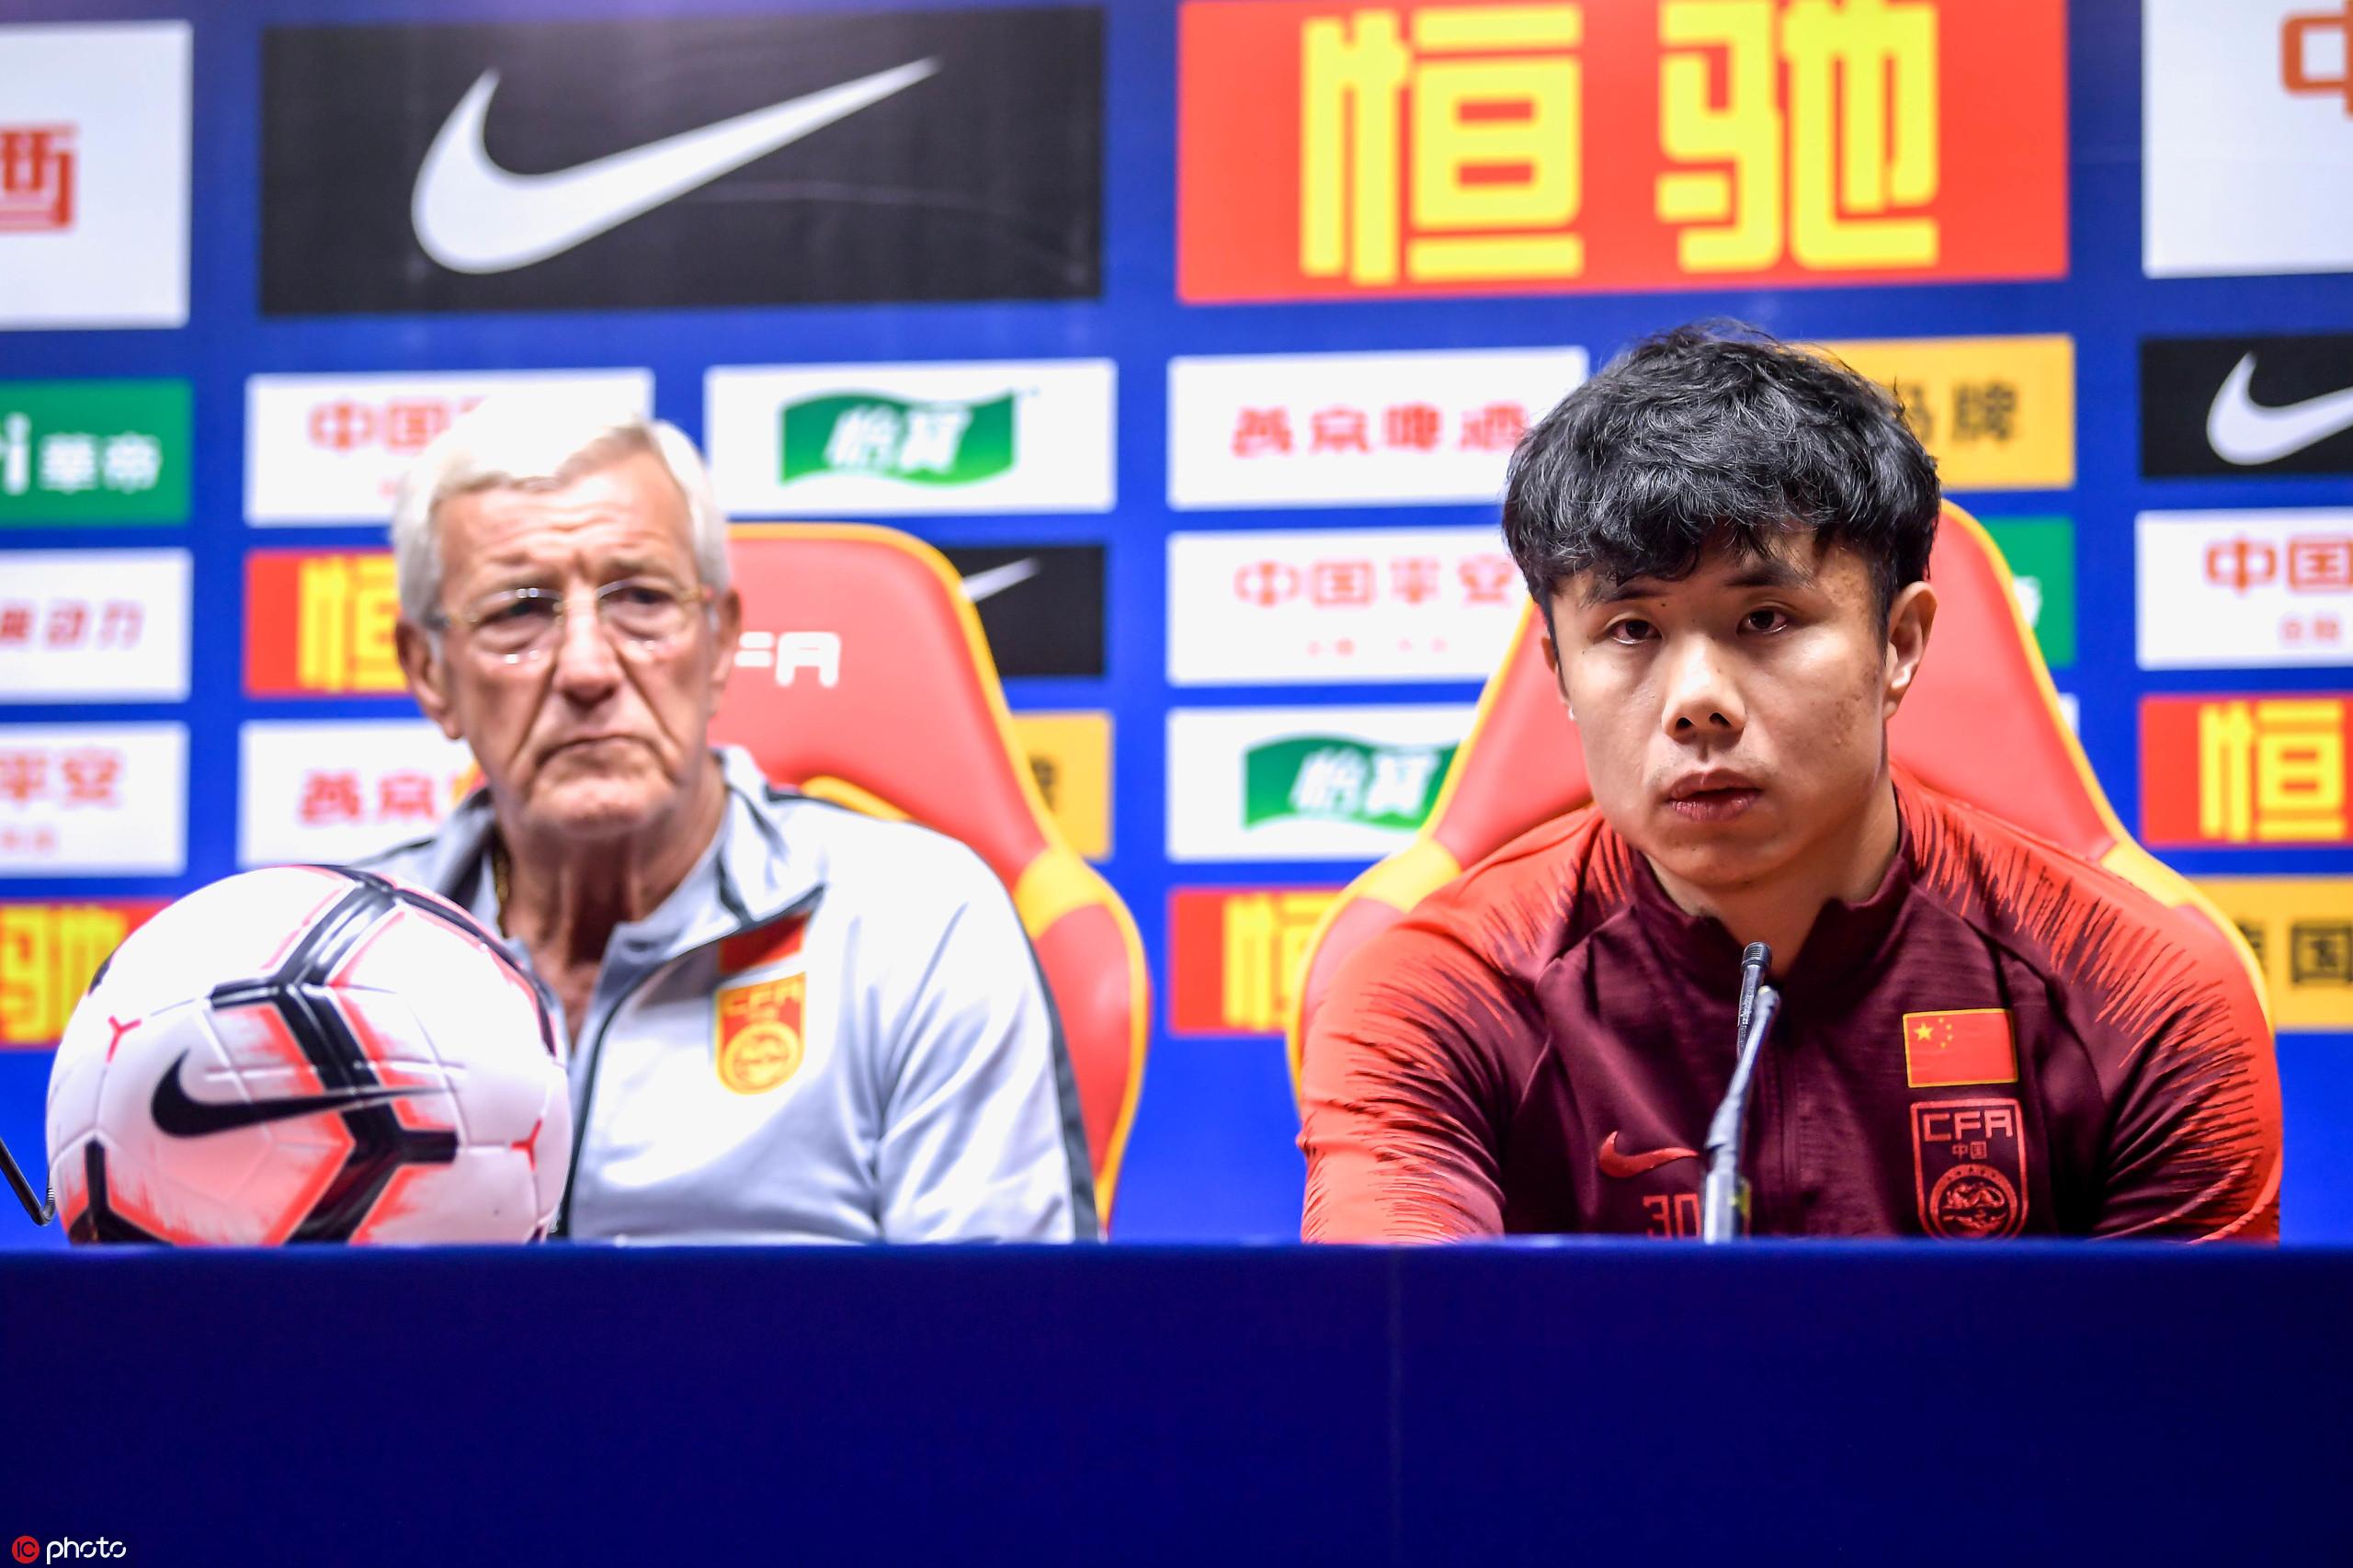 里皮:武磊可首发出战关岛,李磊伤情不乐观赛后或归队